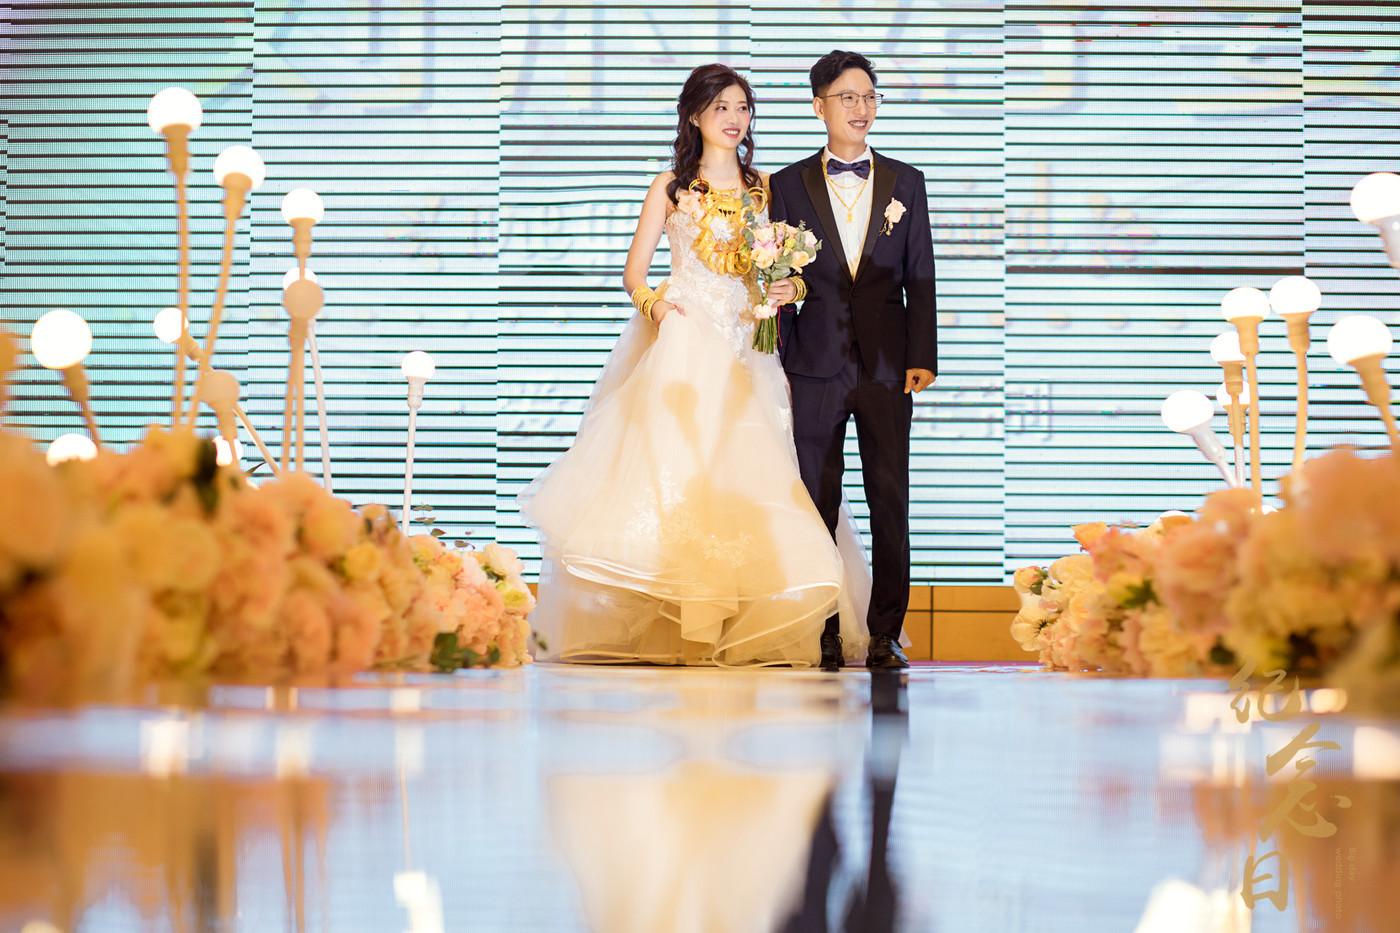 婚礼 | 志明&琳琳76